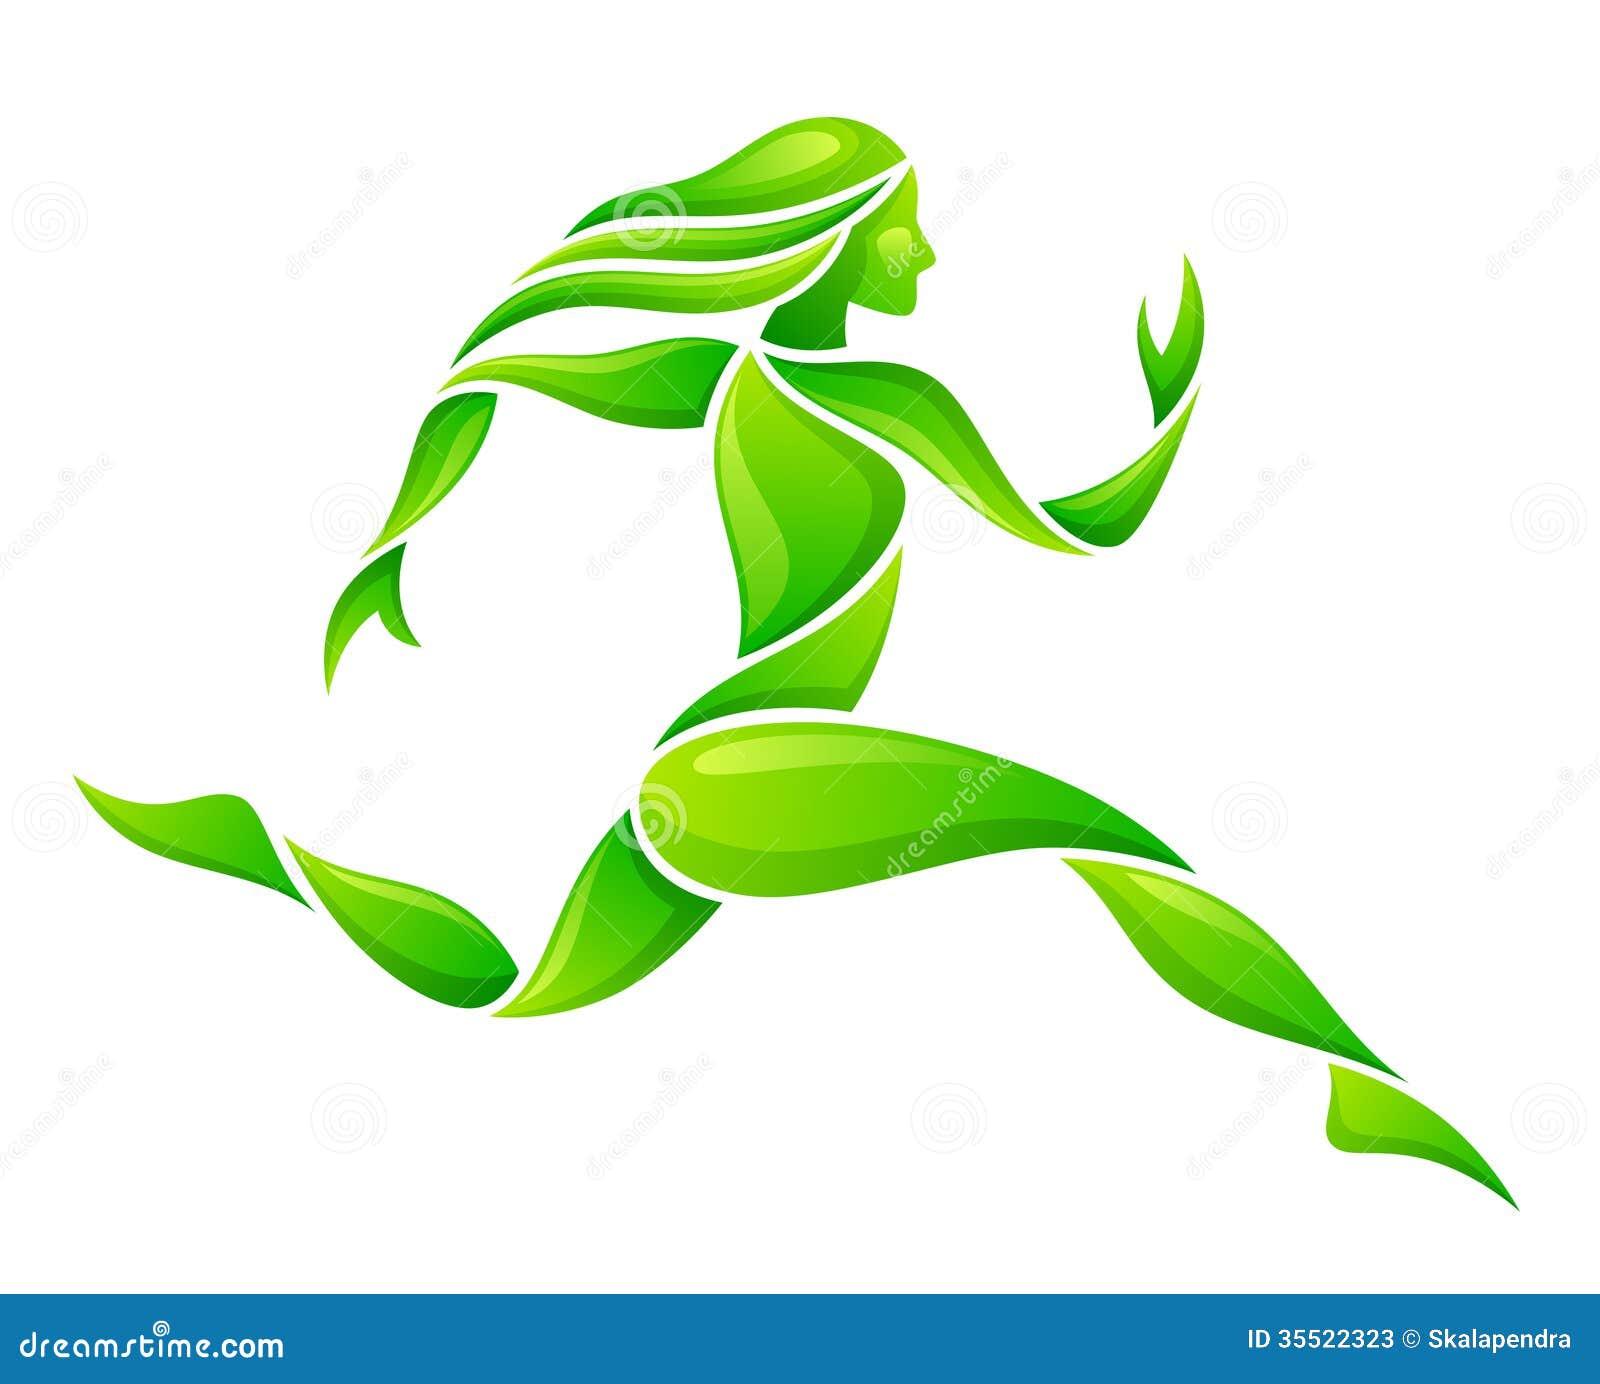 Corridore verde